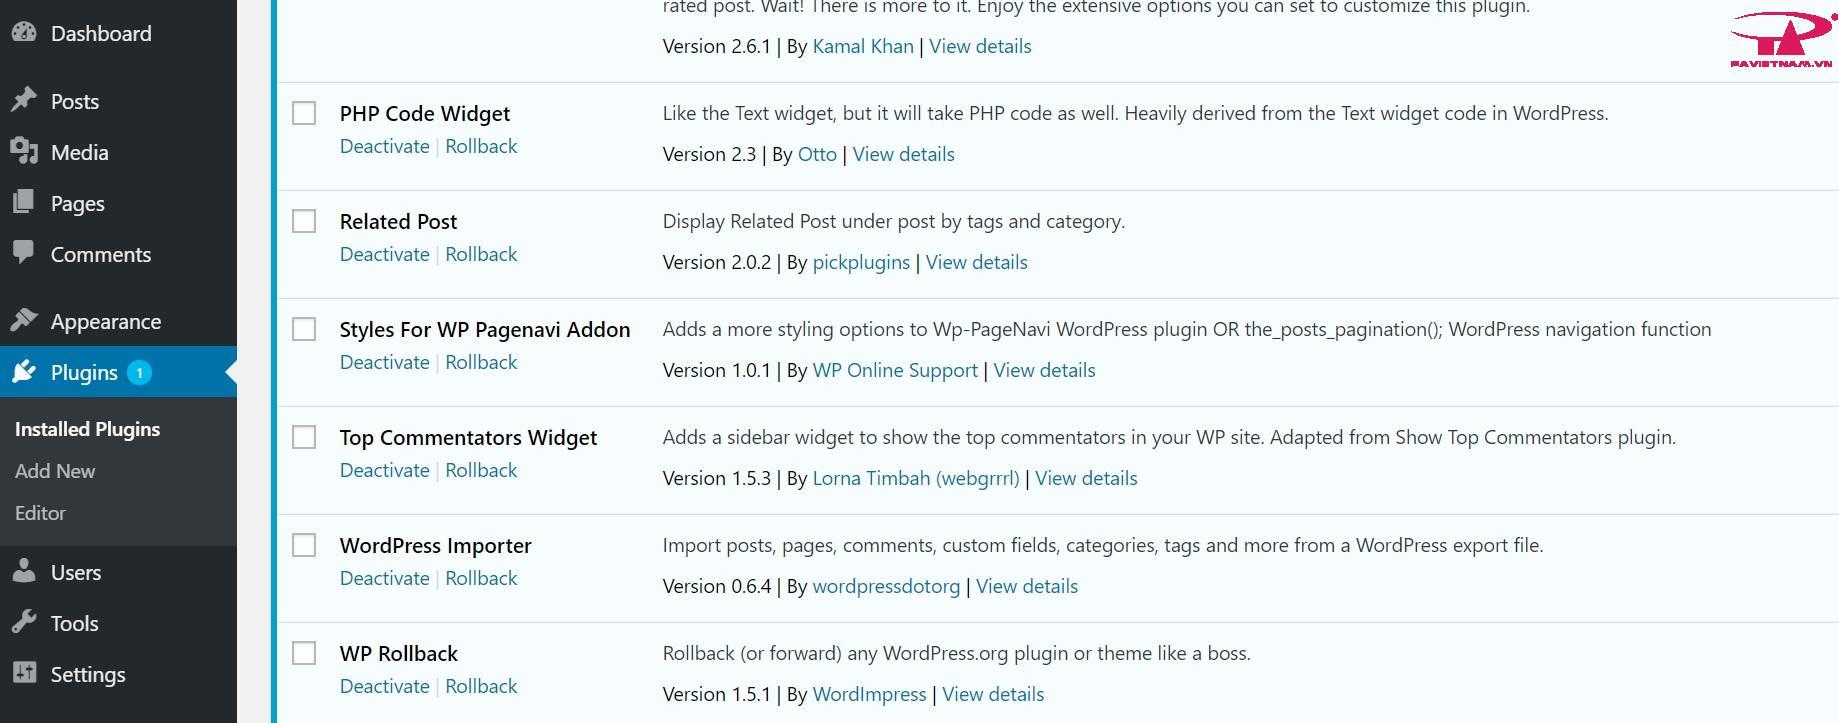 Tính năng Rollback nó đã hiển thị trong trình quản lý plugin WordPress